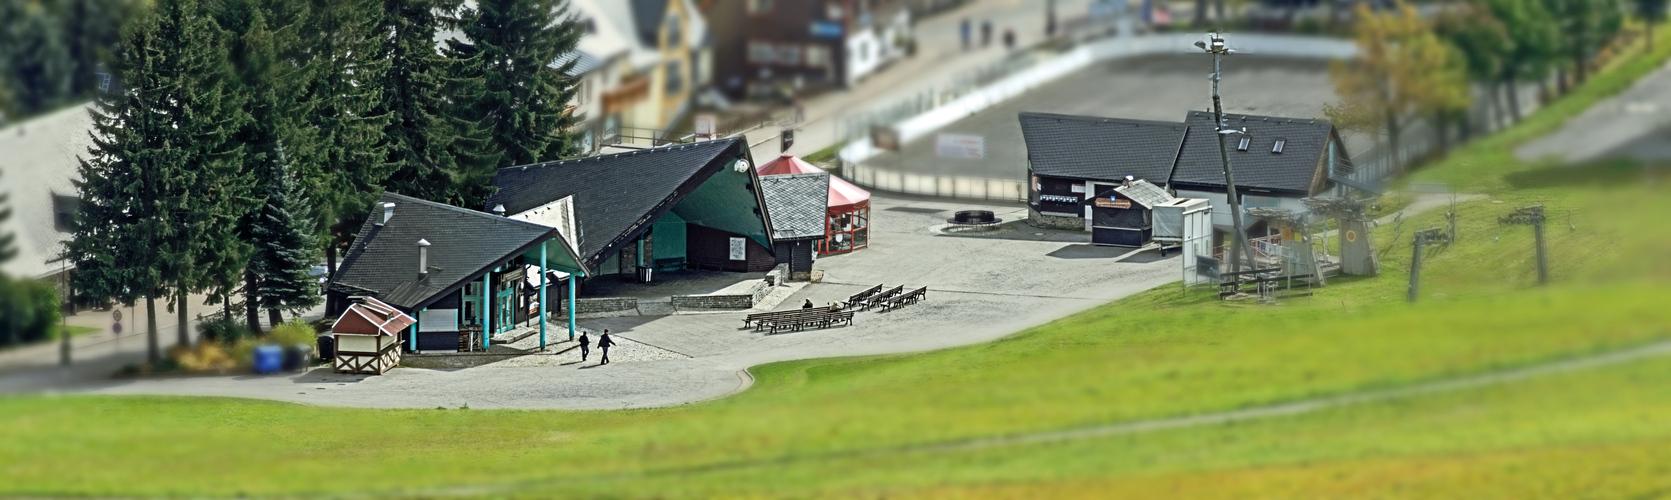 Freilichtbühne am Skihang in Oberwiesenthal